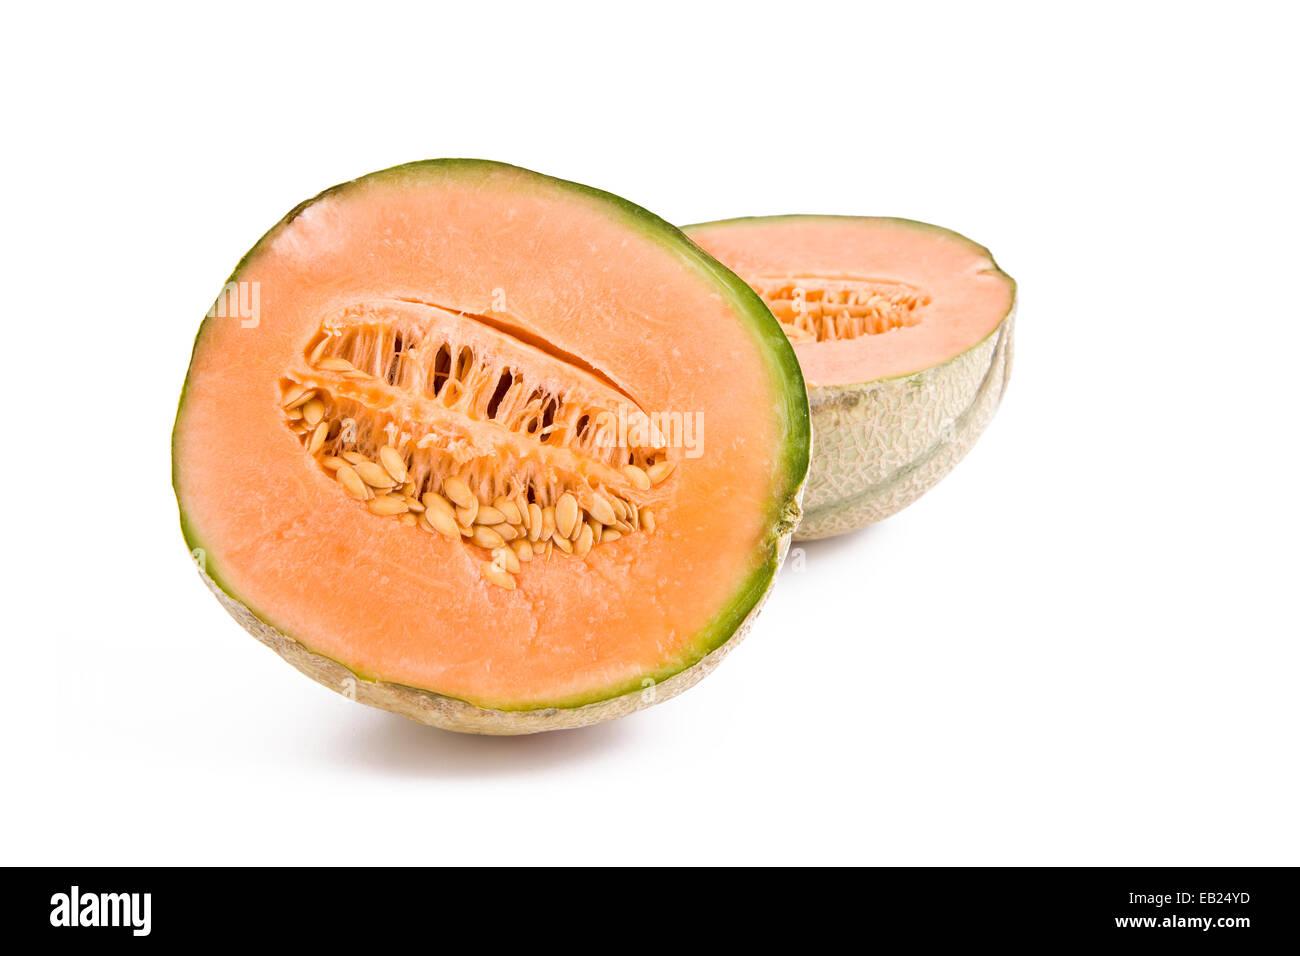 Fresh cantaloupe melon slices isolated on white background, fruits - Stock Image